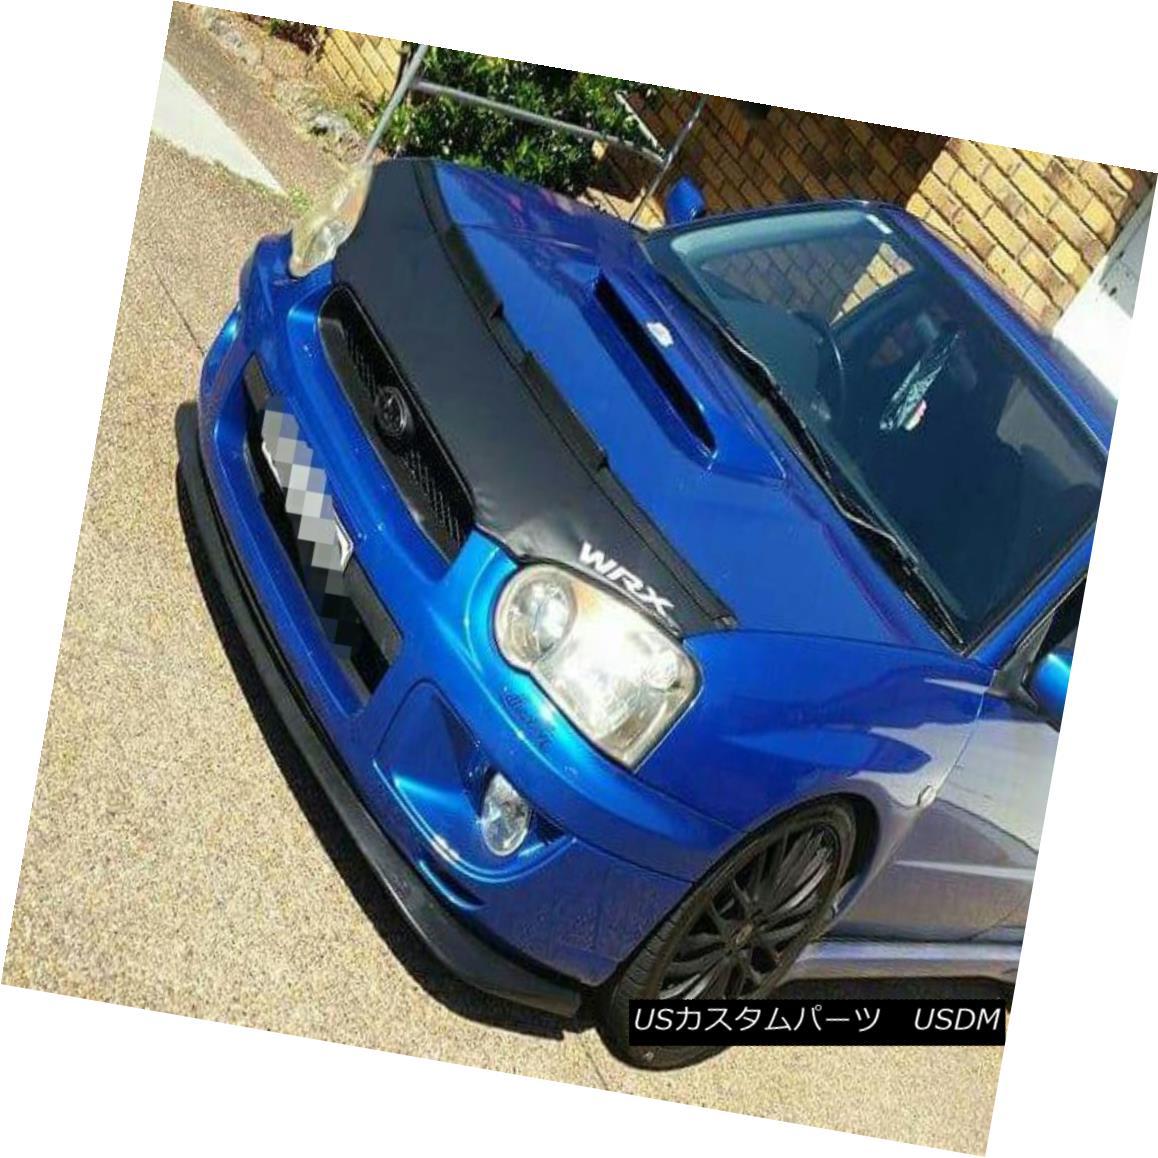 フルブラ ノーズブラ Car Hood Mask Bonnet Bra + WRX LOGO Fits SUBARU IMPREZA 2004 2005 04 05 カーフードマスクボンネットブラ+ WRXロゴフィットSUBARU IMPREZA 2004 2005 04 05